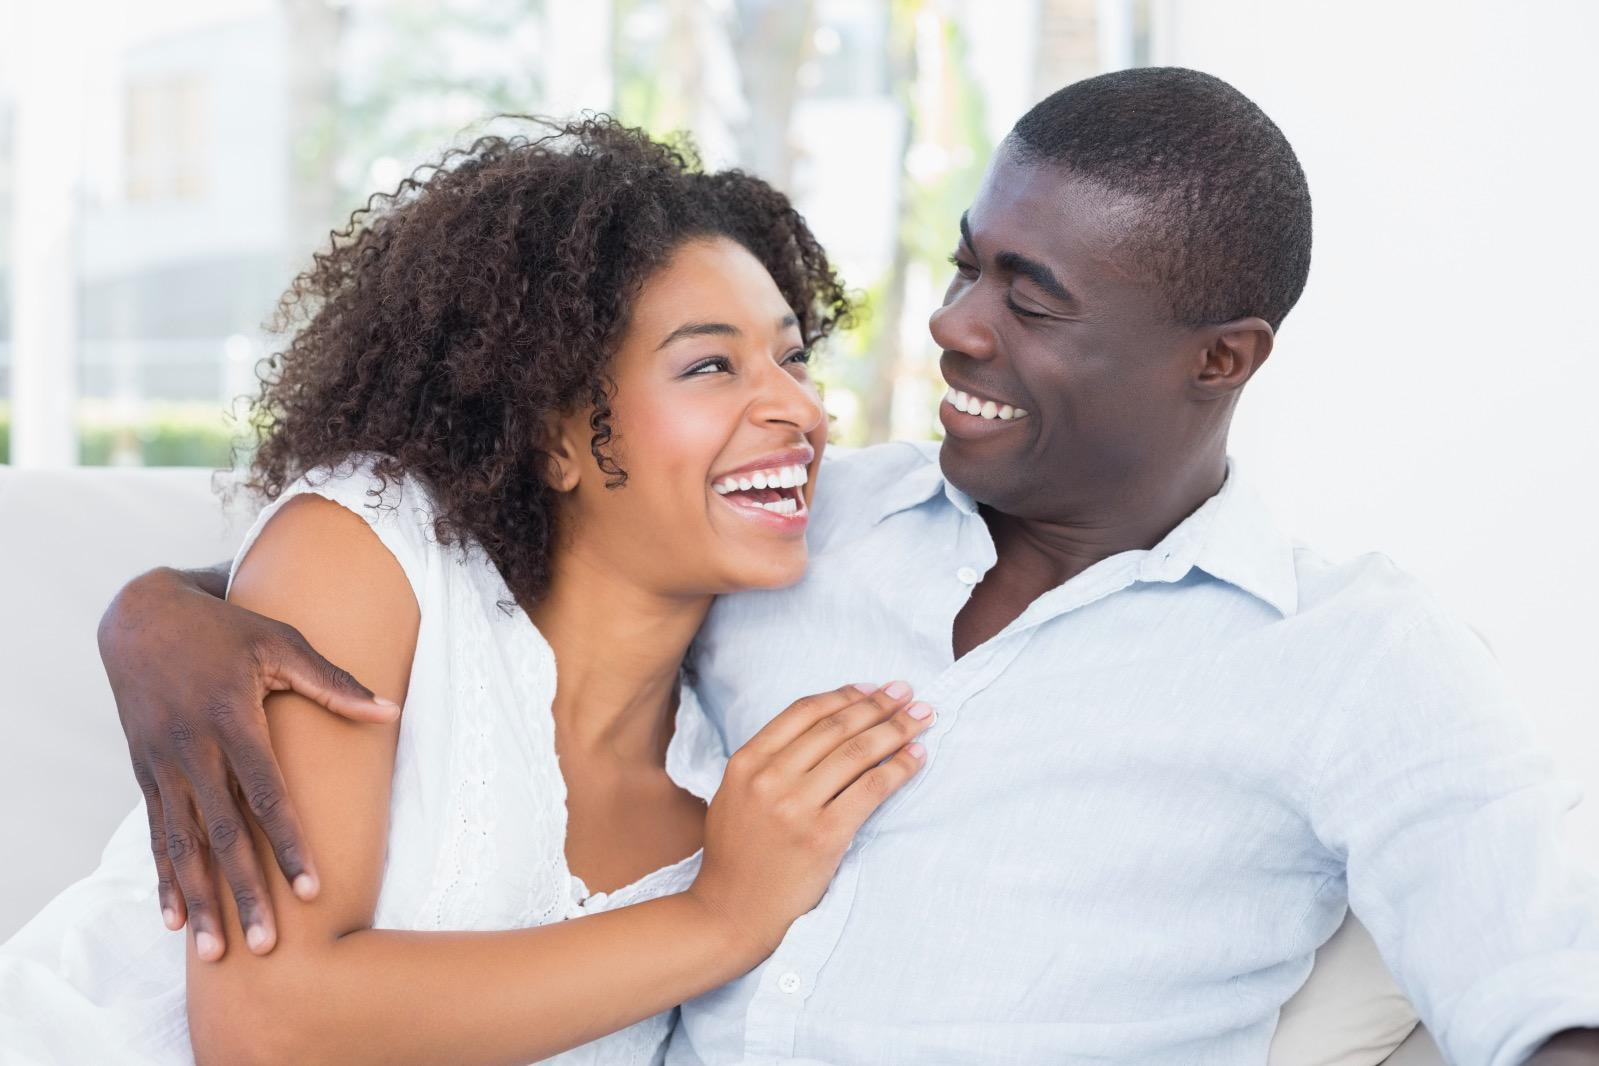 cuddling tips for girls